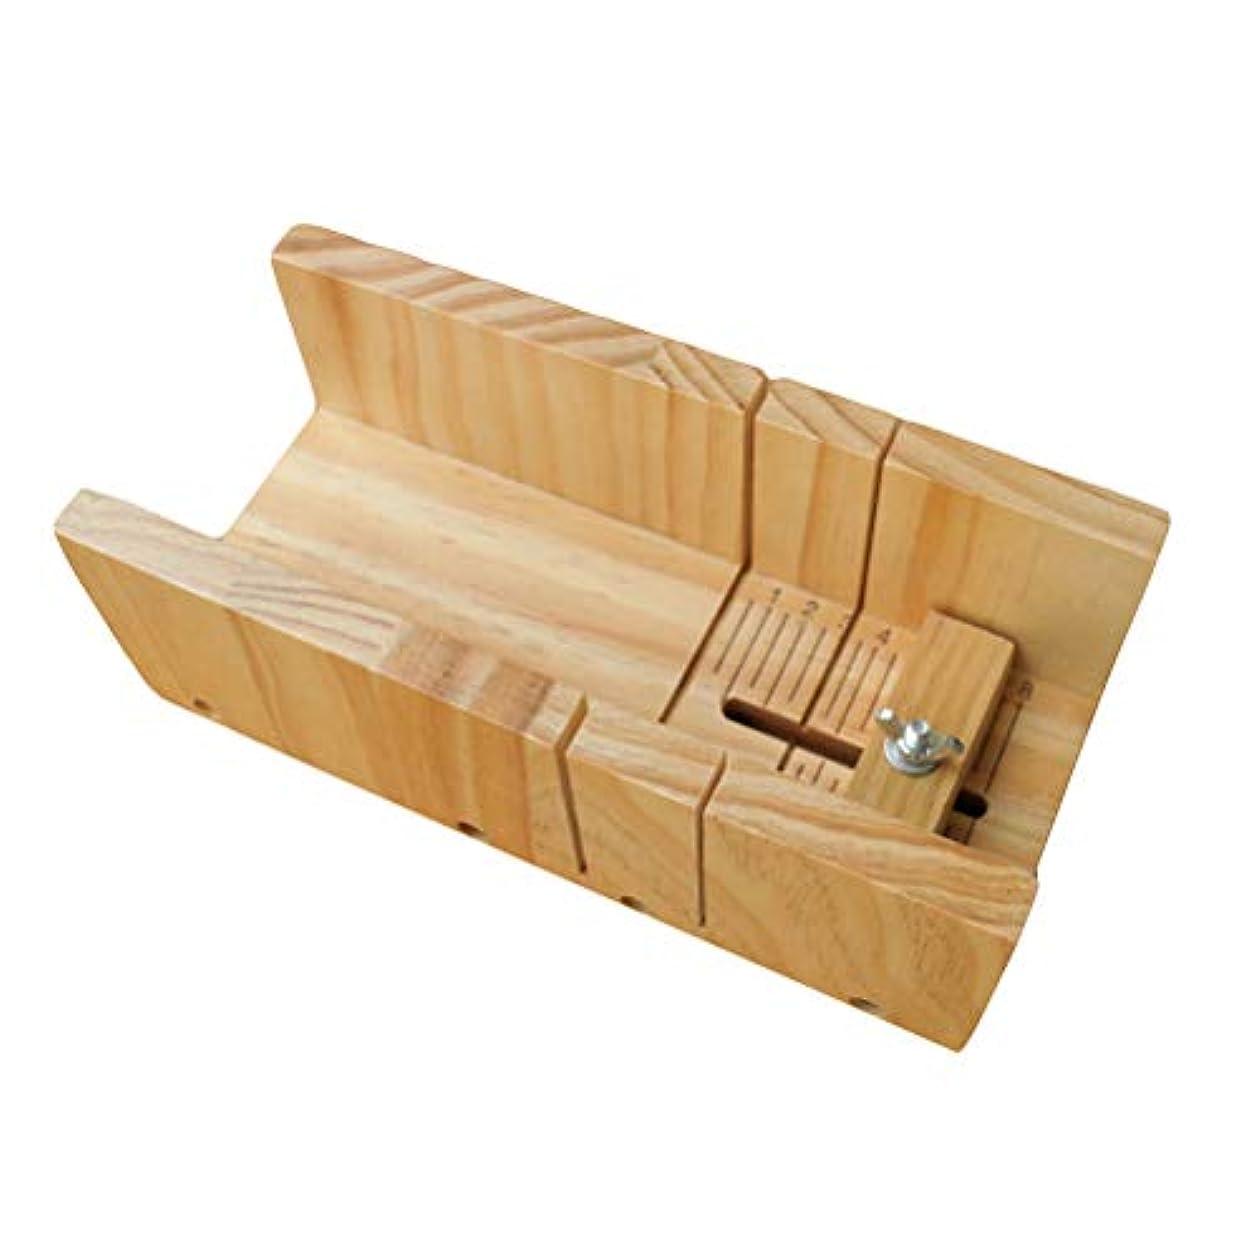 ビリー姉妹崖SUPVOX ウッドソープローフカッター金型調整可能カッター金型ボックスソープ作りツール(ウッドカラー)